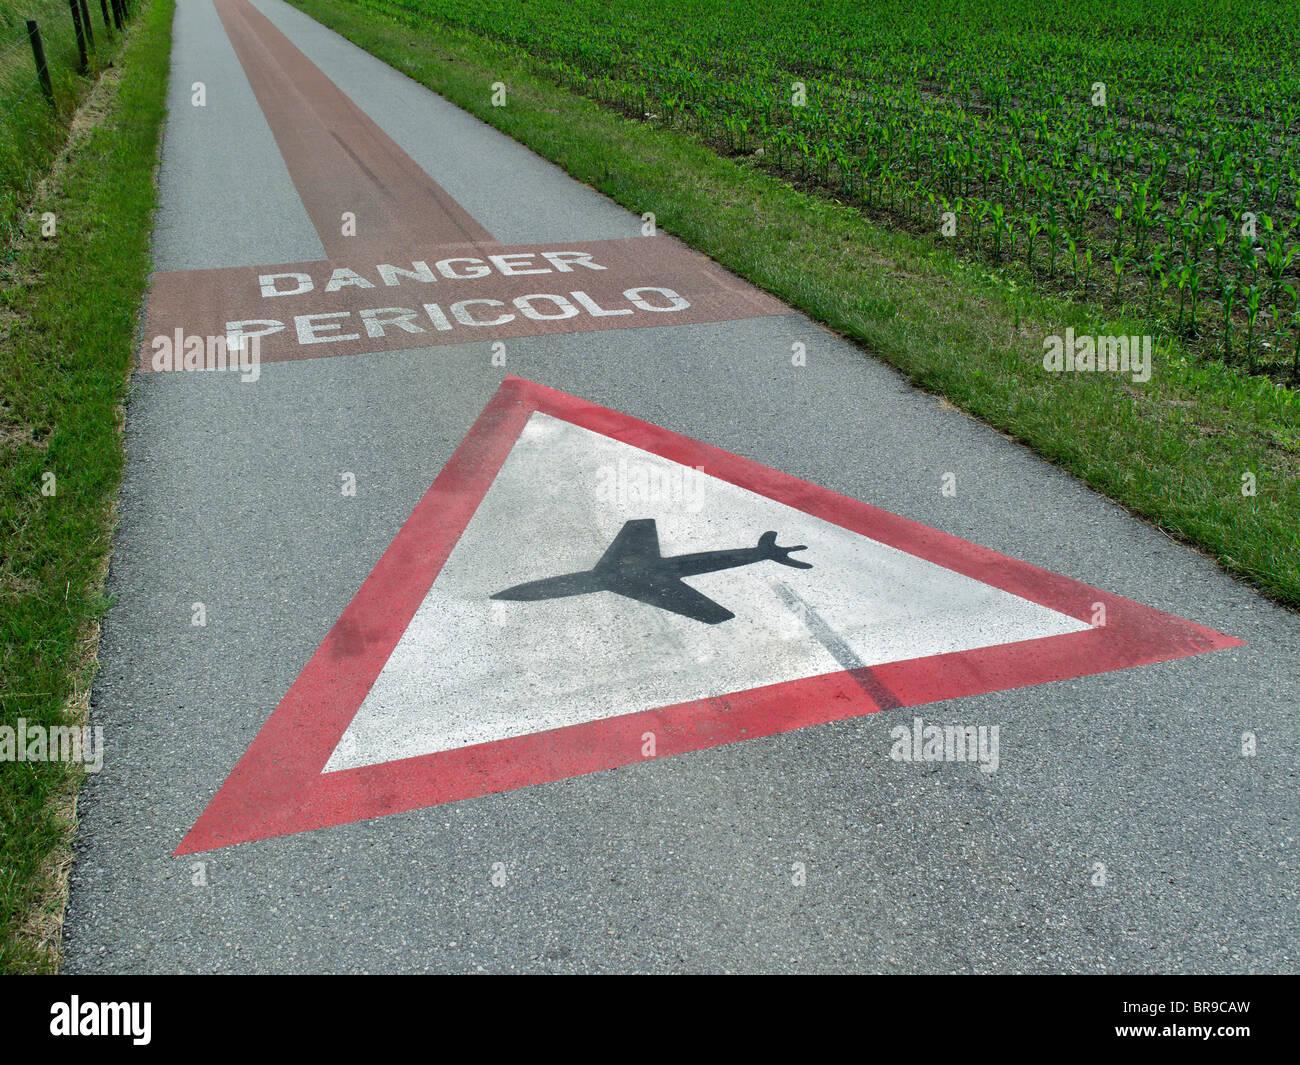 Warnschild Warnung Flugzeuge fliegen in niedrigen Altidude - Bereich der Magadino Ebene - Kanton Tessin - Schweiz Stockbild